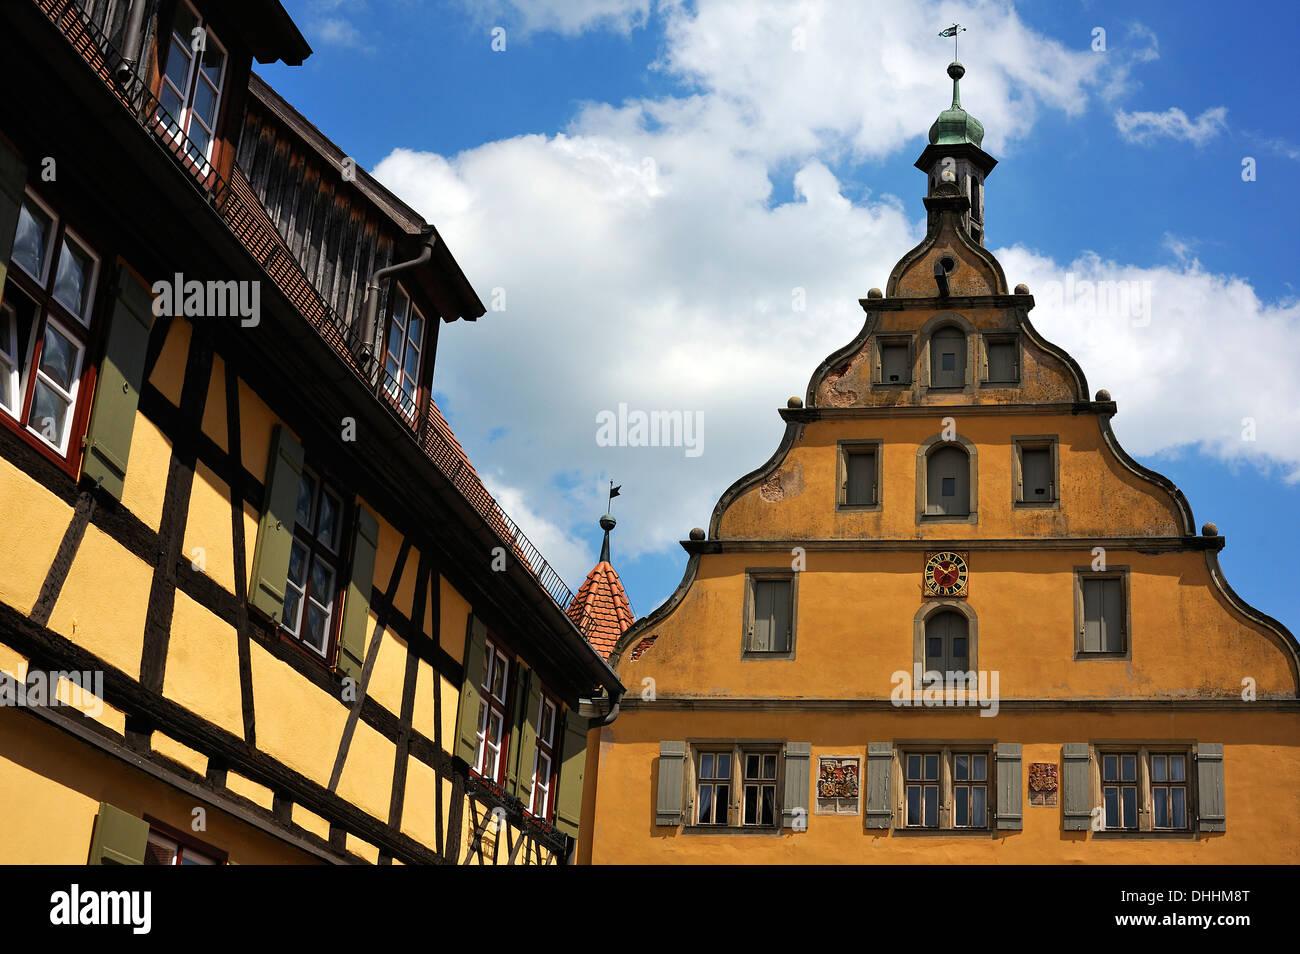 Giebel, 1567, dreistöckige Steildach Struktur mit gebogenen Renaissance-Giebeln, ehemaligen Waisenhaus verließ Fachwerkhaus aus Stockbild